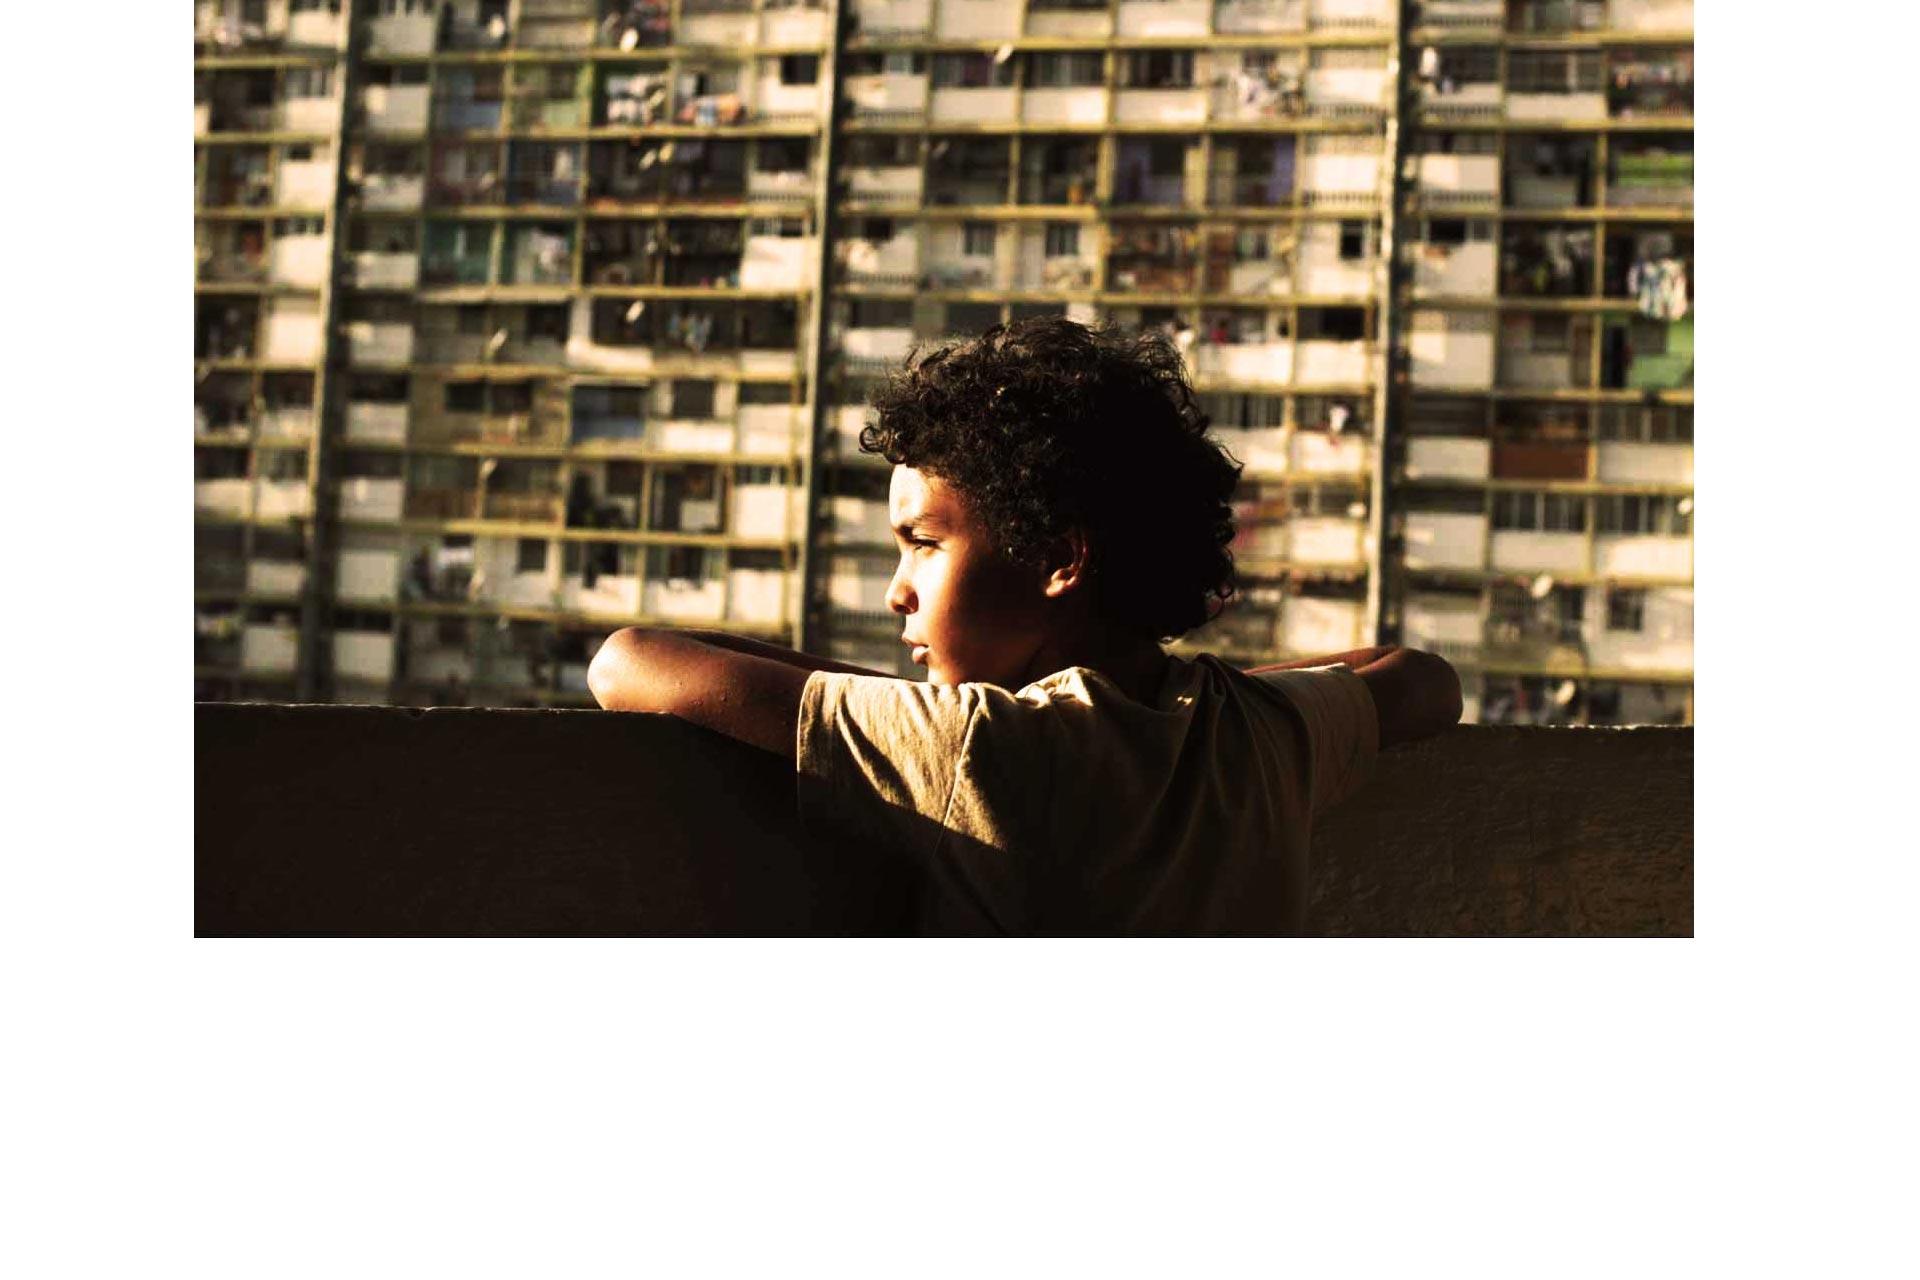 Le película venezolana está siendo exhibida en algunas importantes ciudades del país europeo